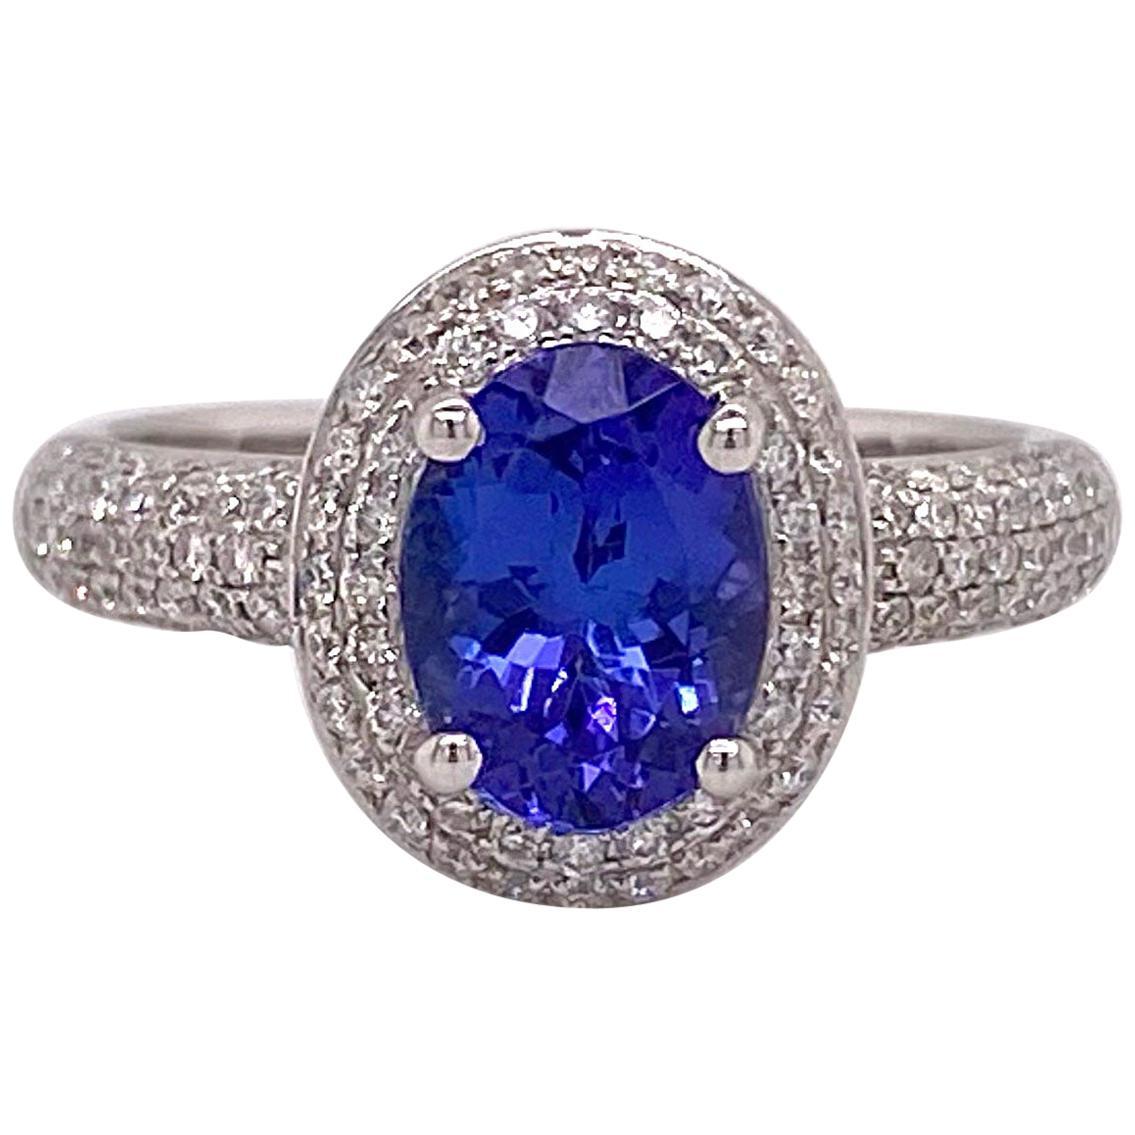 1.5 Carat Tanzanite Ring, 14 Karat White Gold Ring, .50 Carat Diamond Ring Halo